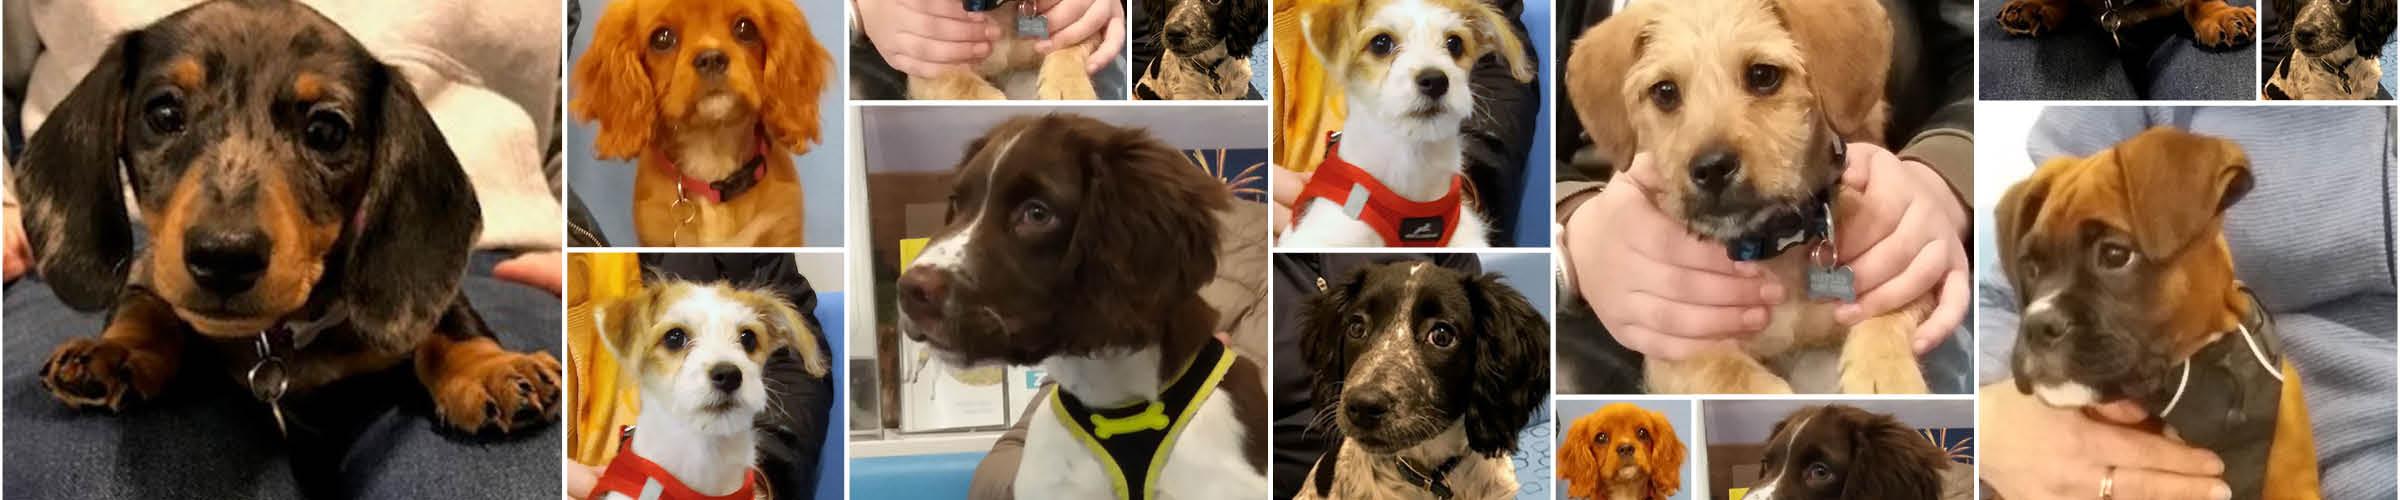 Macqueen Puppy Party Graduates Devizes Wiltshire